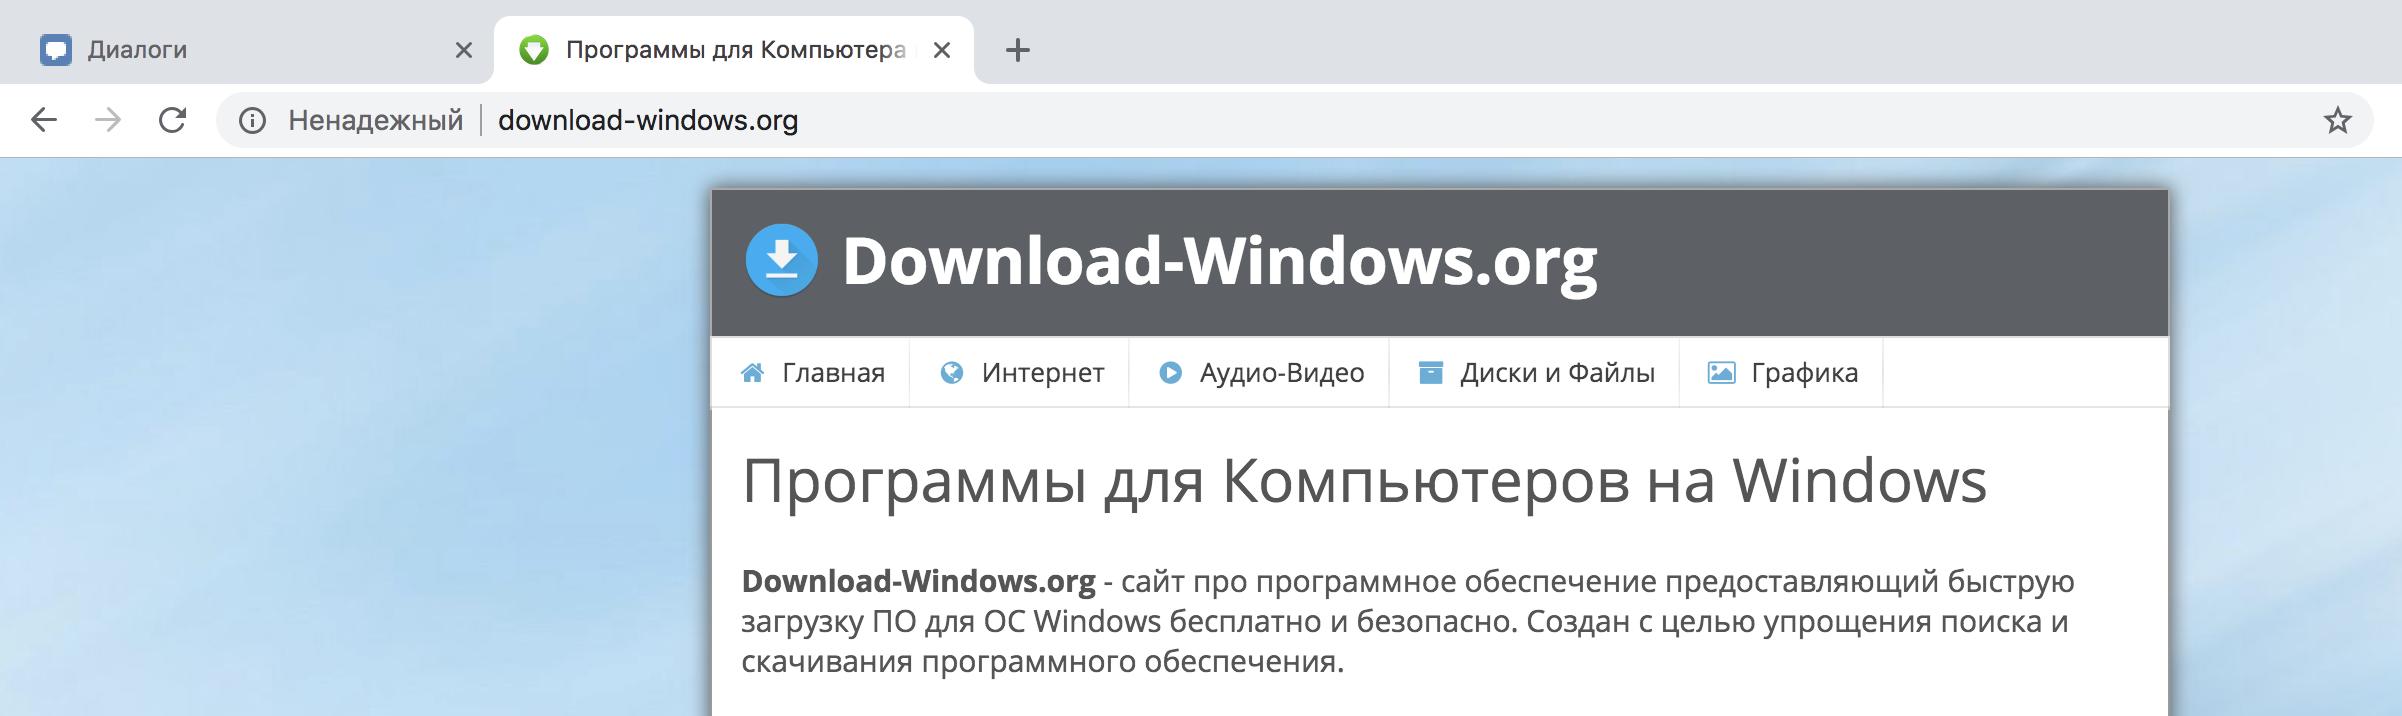 Вкладки страниц в Google Chrome